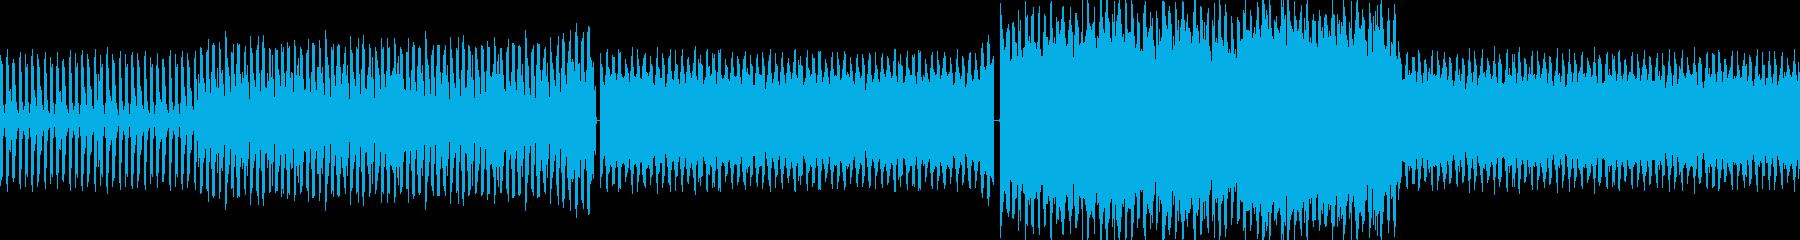 【ノリノリなダンスクラブEDM】の再生済みの波形